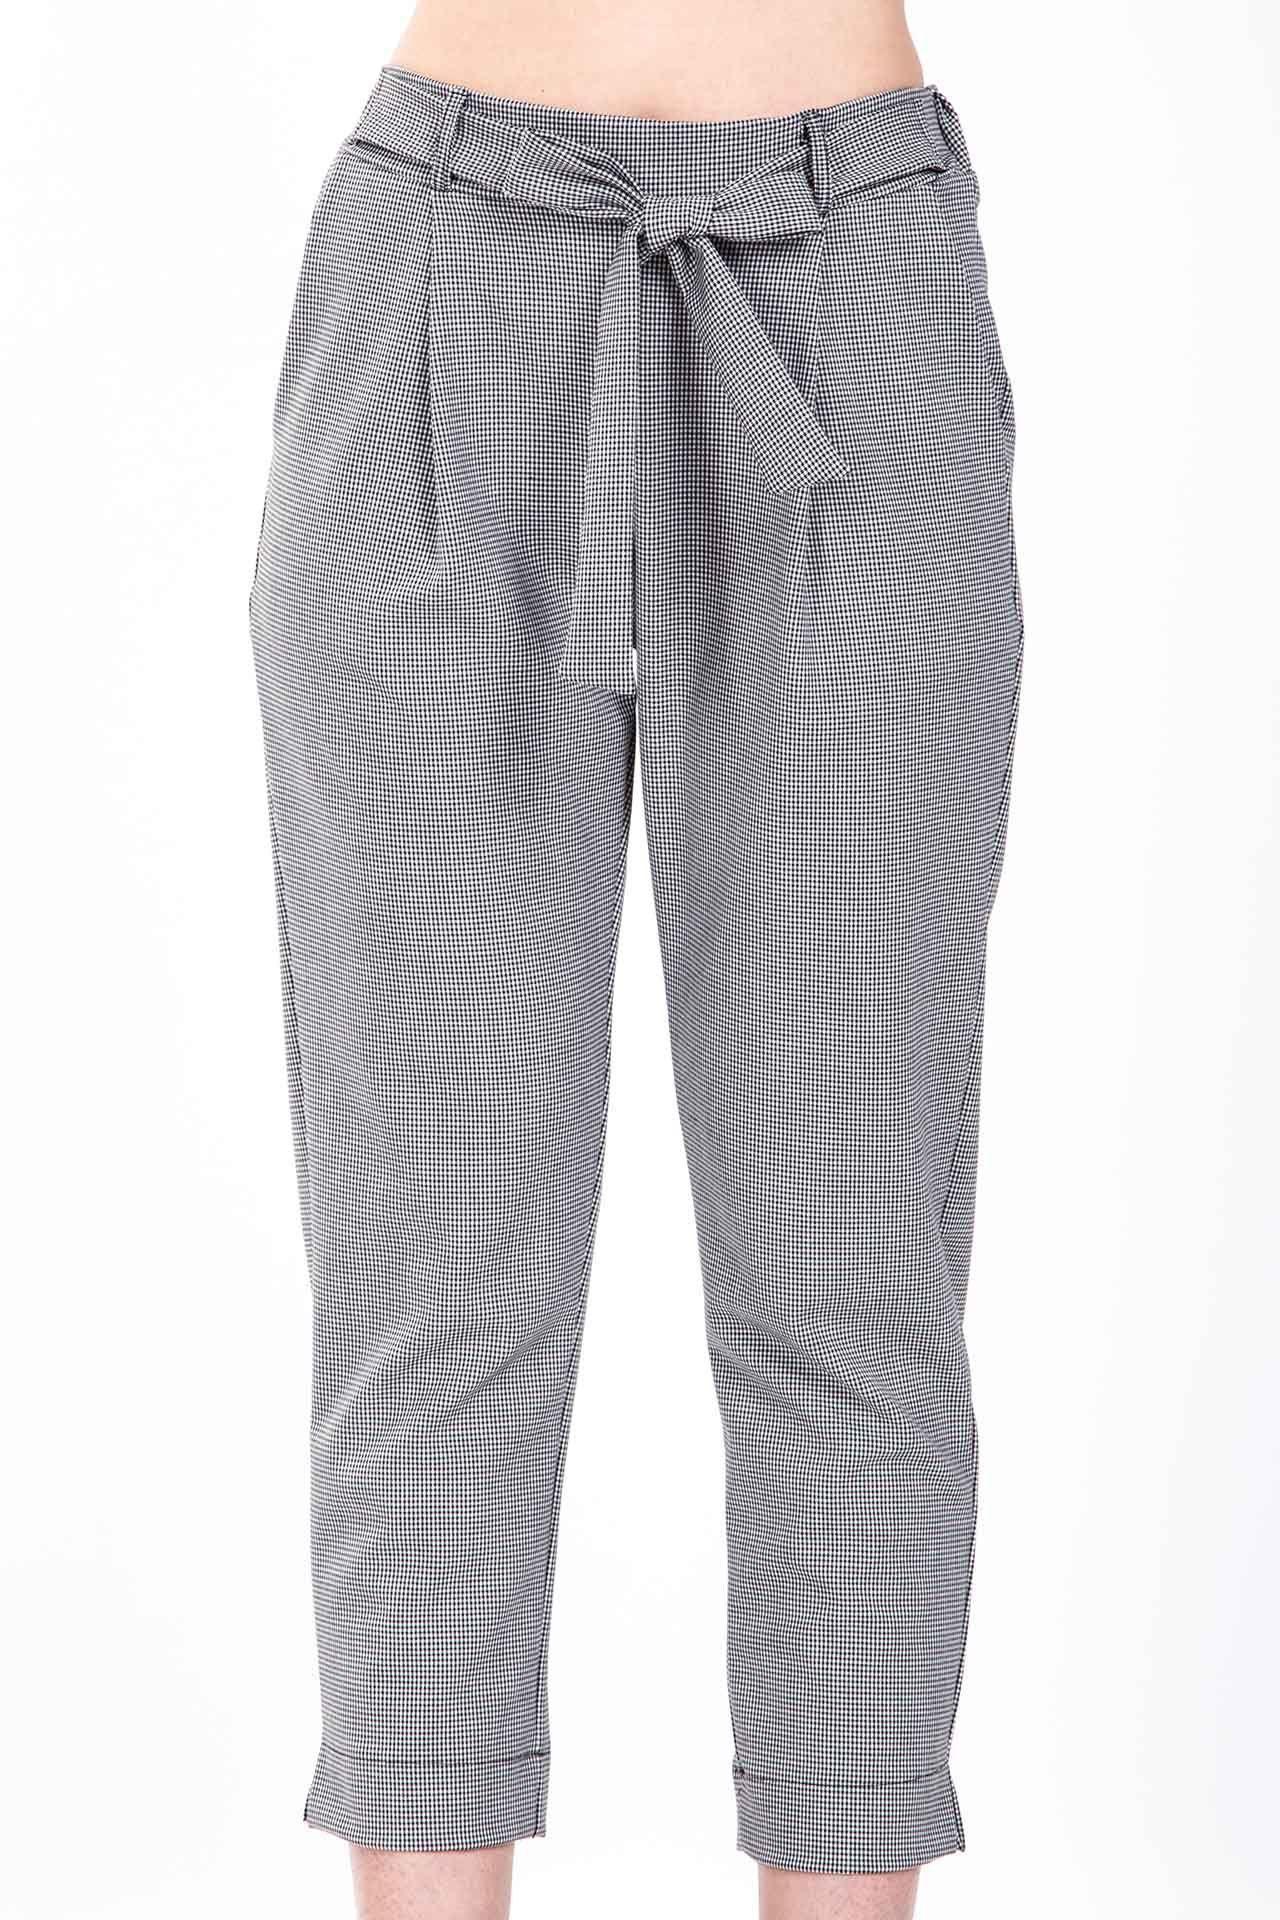 Pantalone morbido con fiocco - nero - pied de poule  208910fb078a